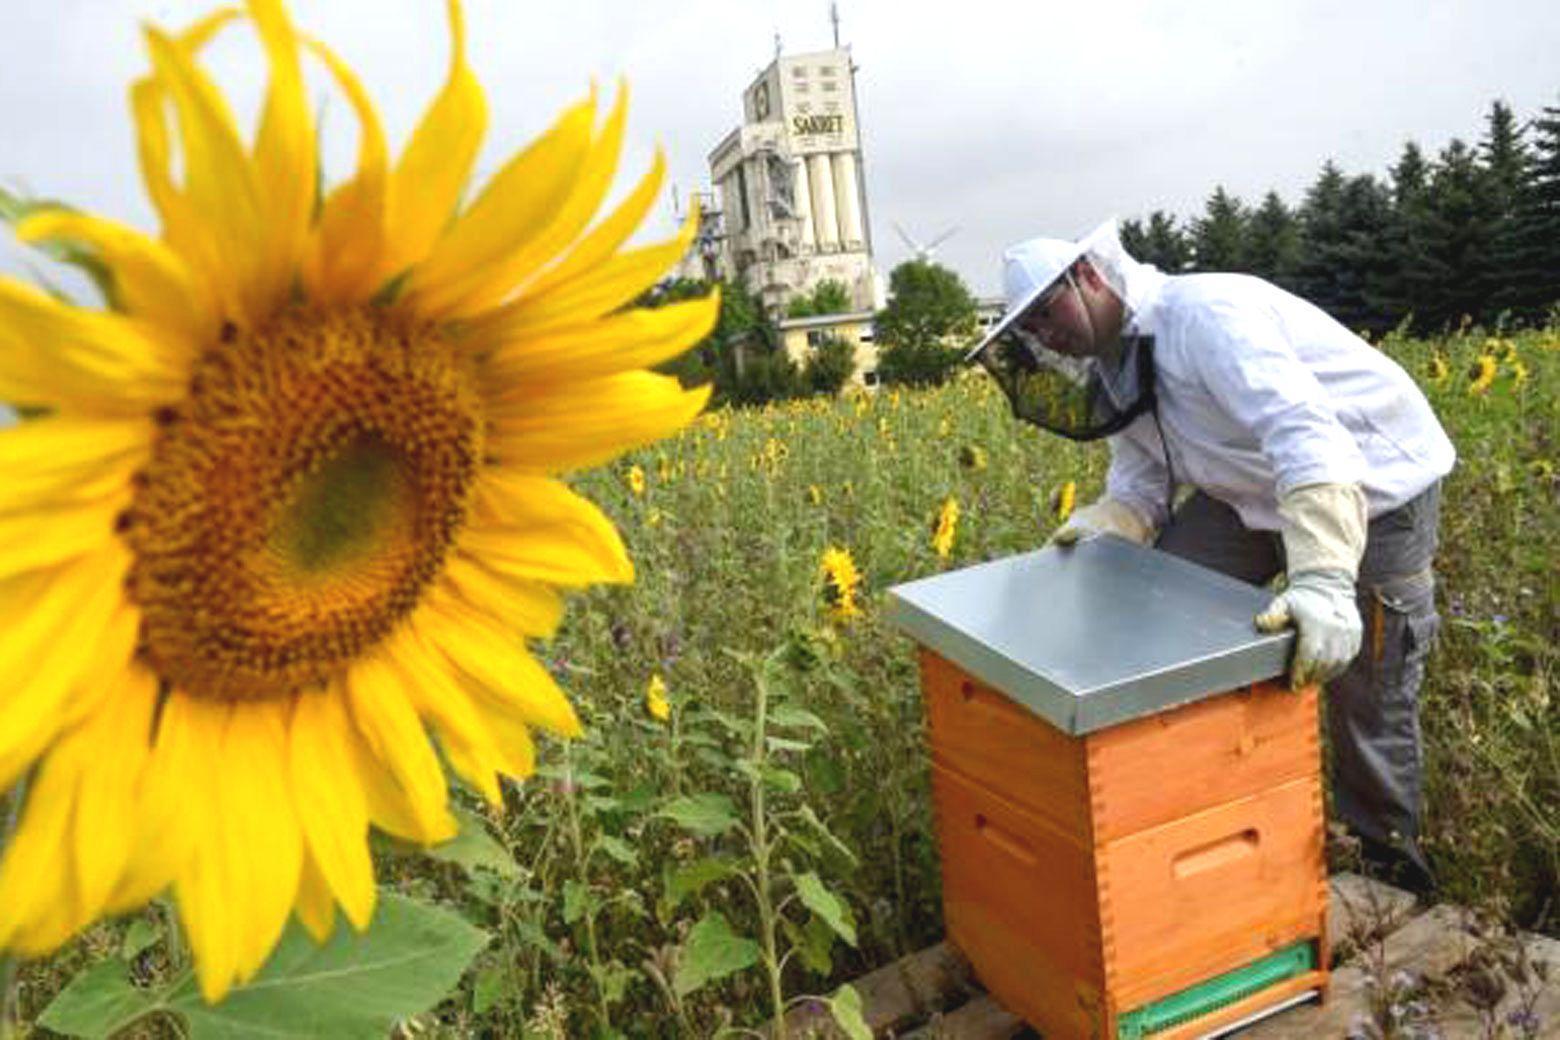 Robert Schramm, Mitarbeiter des Baustoffe-Anbieters Sakret in Claußnitz, kümmert sich gemeinsam mit anderen Beschäftigten um die Bienenvölker auf dem Gelände des Unternehmens. Eine Blühwiese stellt sicher, dass die Insekten nicht lange nach Nektar suchen müssen. Foto: Andreas Seidel